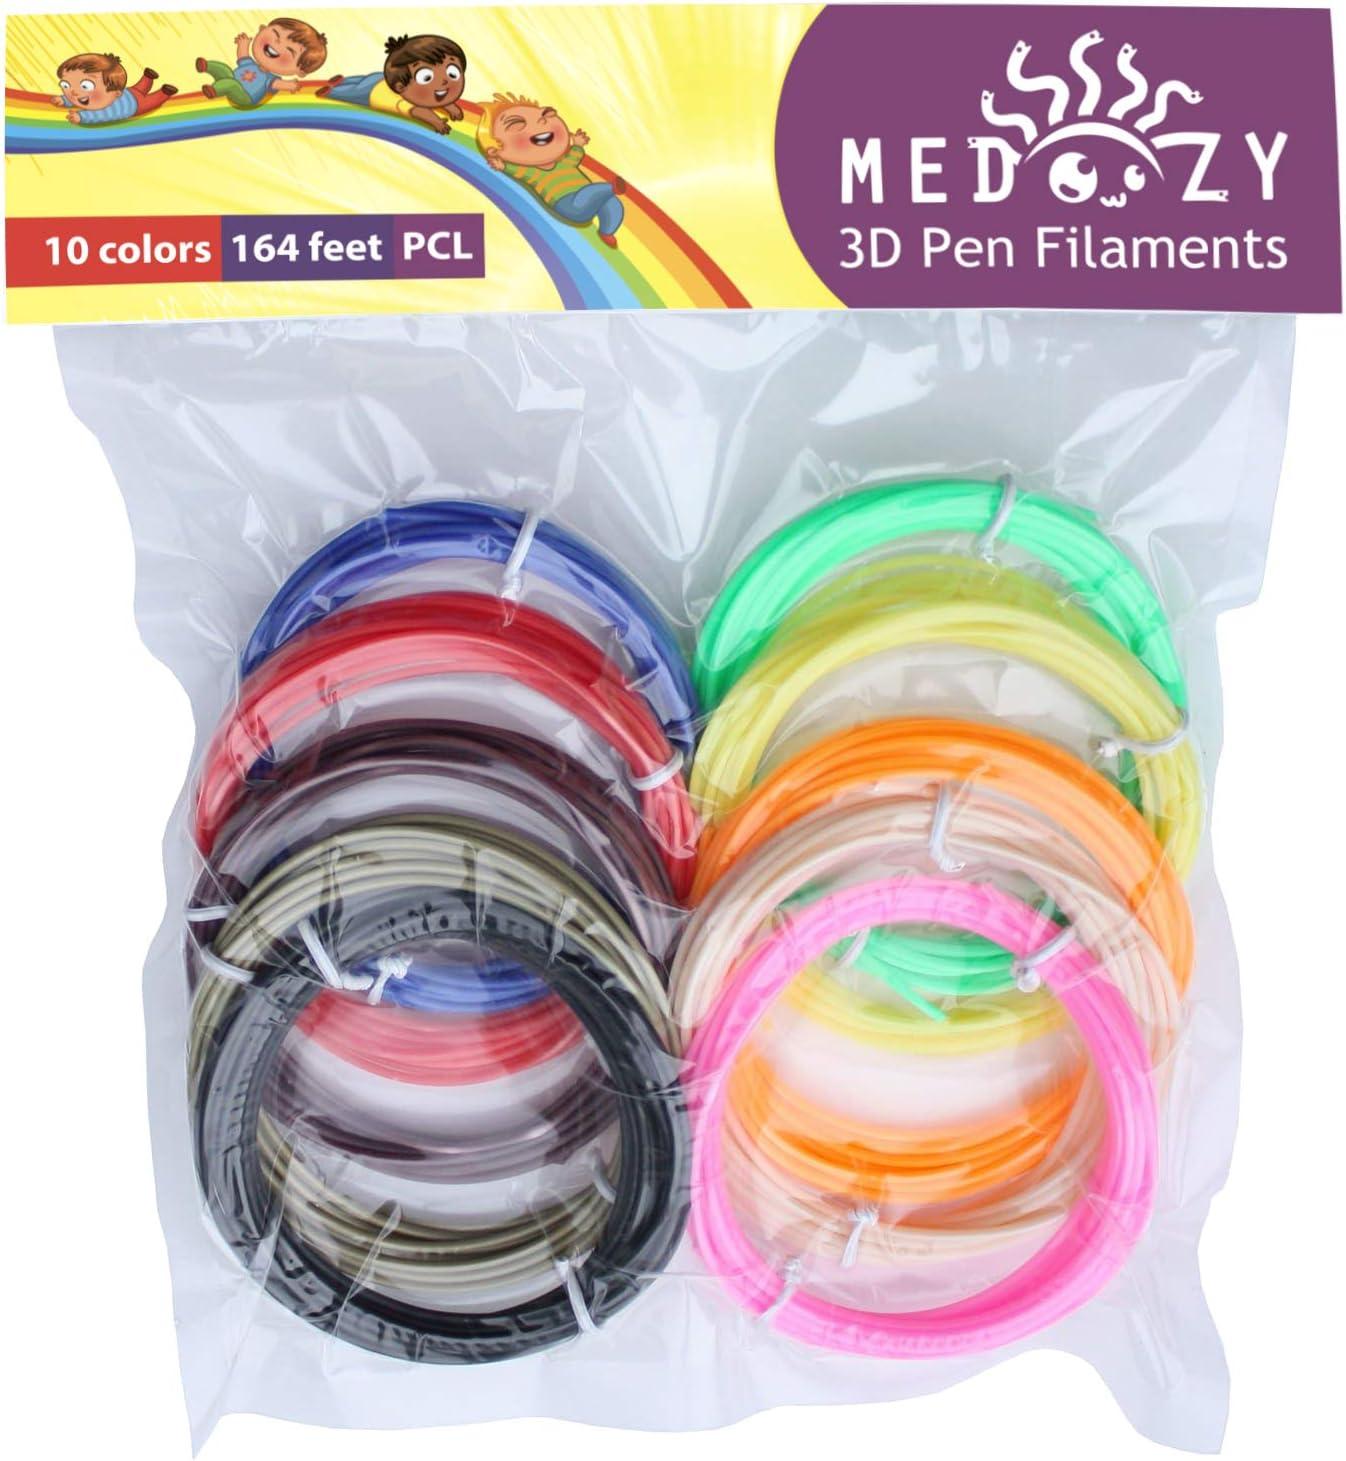 Filamento PCL para Pluma 3D MeDoozy Repuestos de Filamento 3D Ecol/ógico 10 Colores 5m Cada uno Filamento de Impresora 1.75mm Filamento de Impresi/ón 3D Recambio de Pluma 3D Seguro para Ni/ños